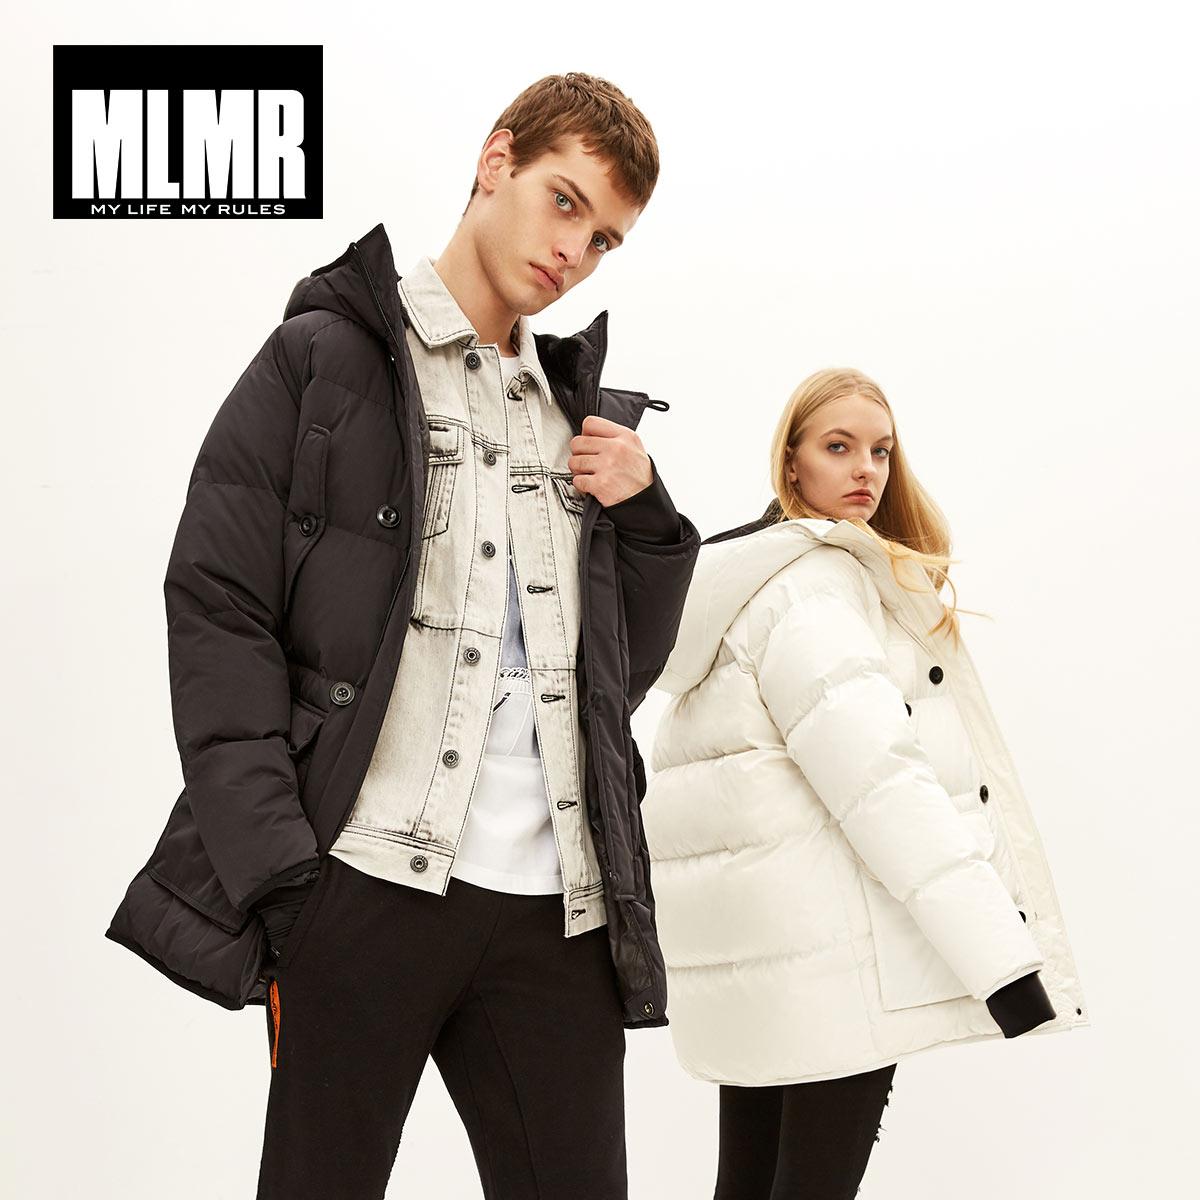 MLMR 2019 ใหม่กลางยาวลงเสื้อฤดูหนาวเสื้อหนา warm parka  218312504-ใน เสื้อกันลม จาก เสื้อผ้าผู้ชาย บน   2